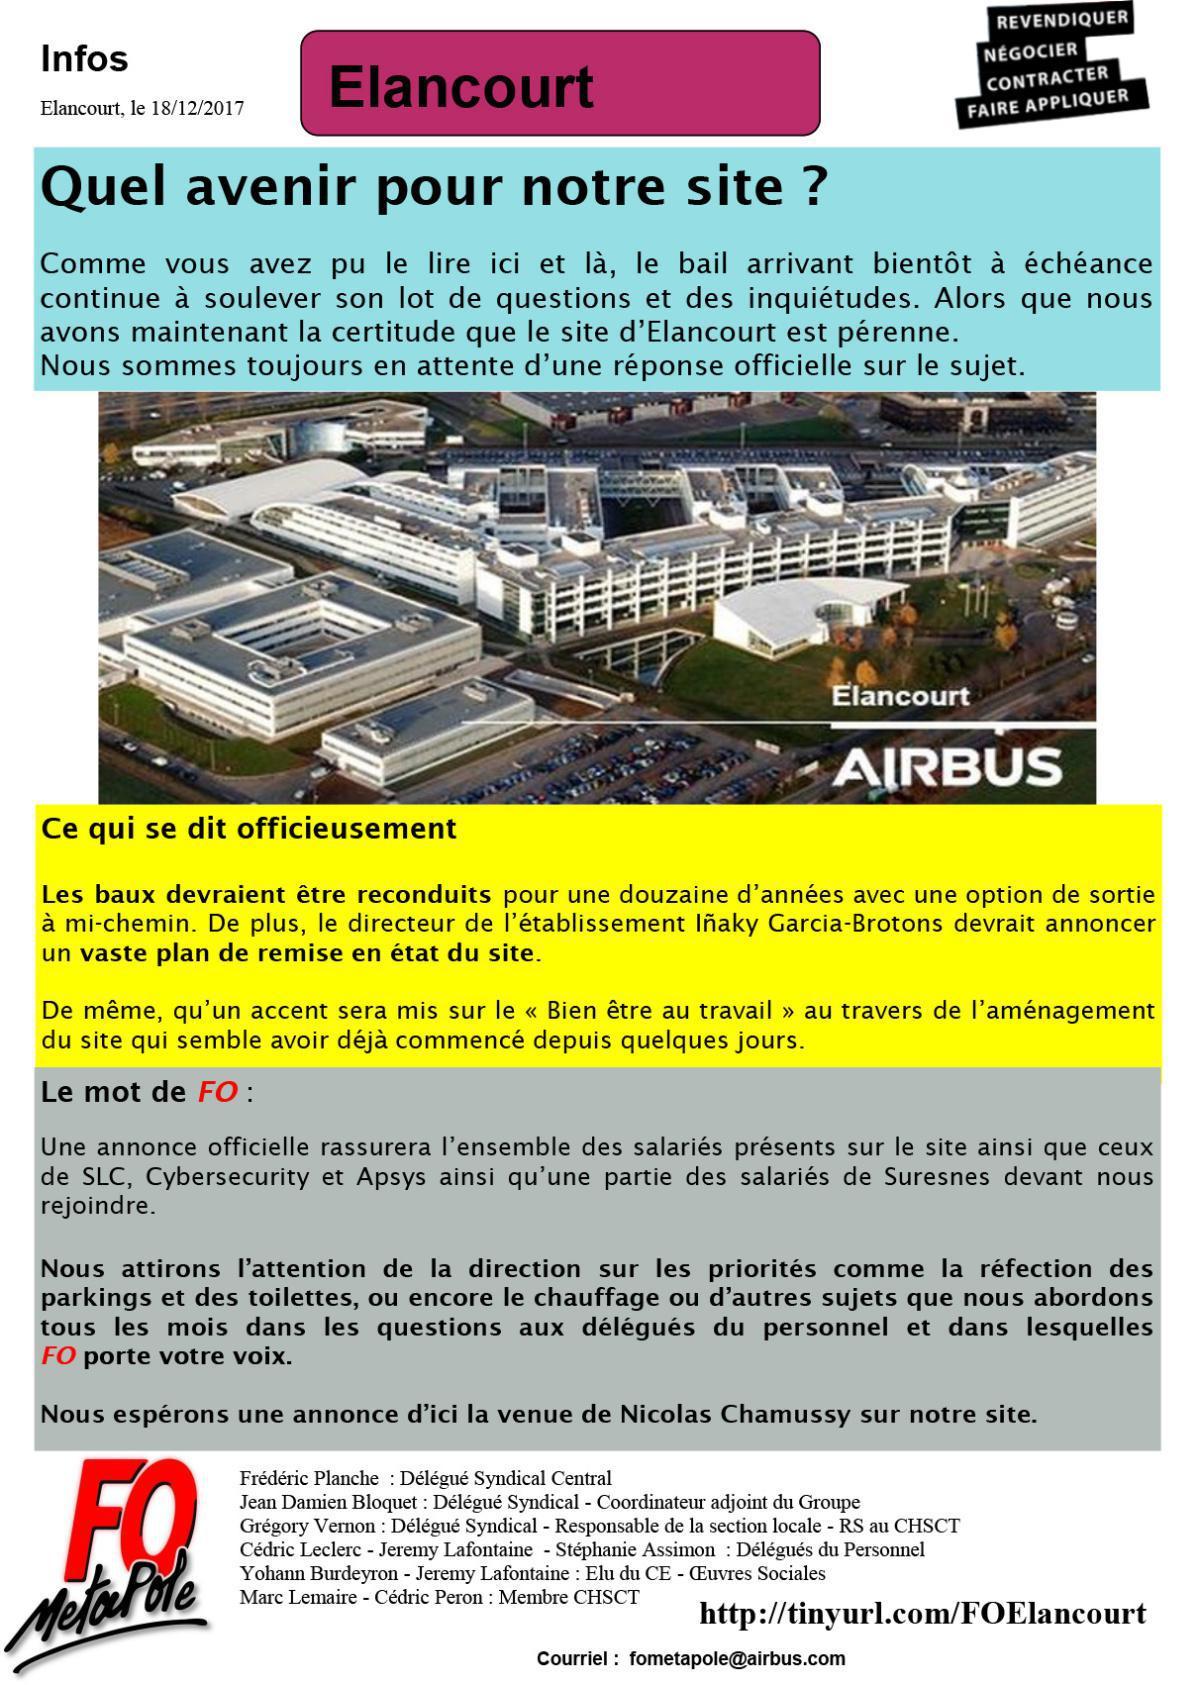 Quel avenir pour le site d'Airbus DS d'Elancourt ?